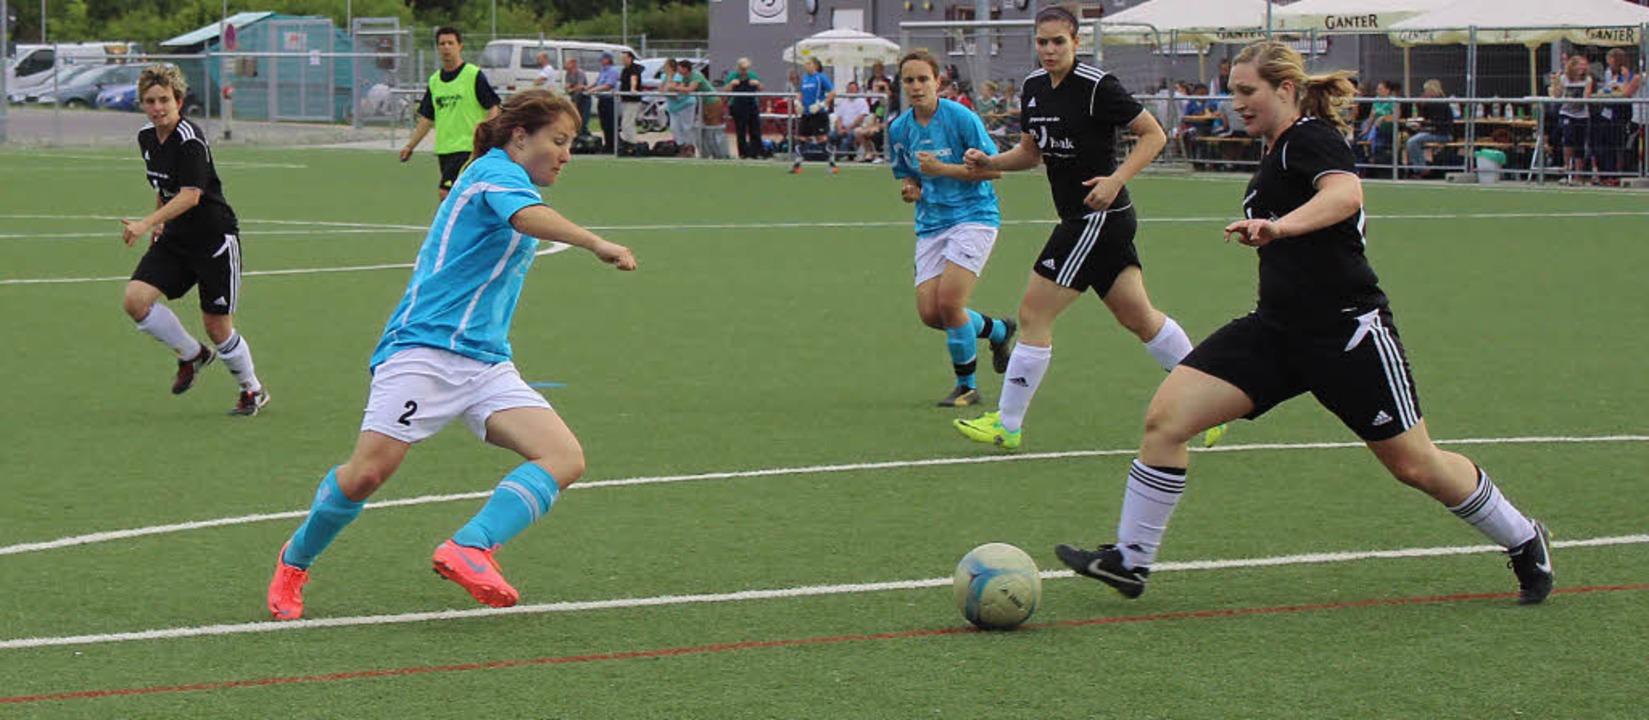 Im Halbfinale spielten die Damen aus D...aus Gottenheim (im schwarzen Trikot).   | Foto: Mario Schöneberg